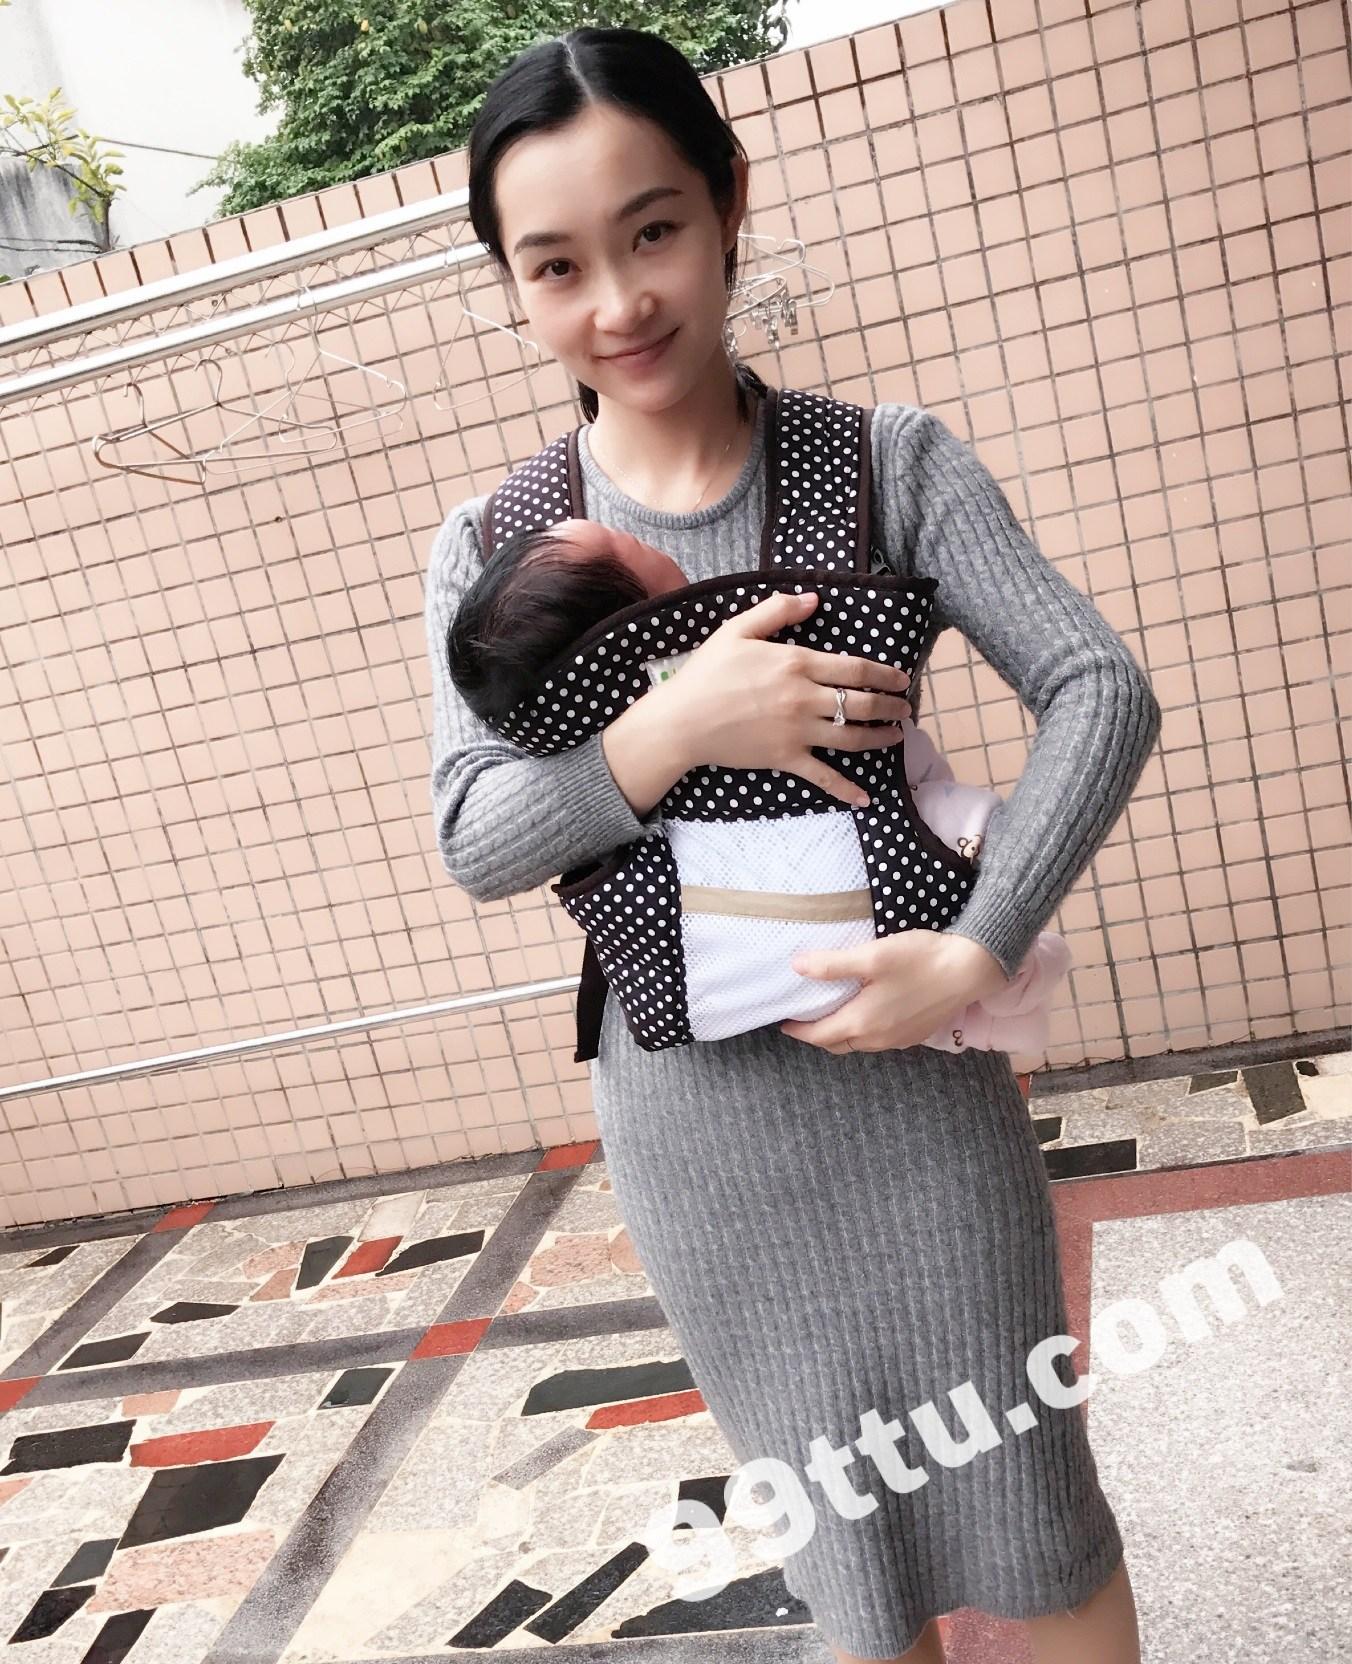 KK82_455张 孕妇超真实美女生活照素材图片组-9